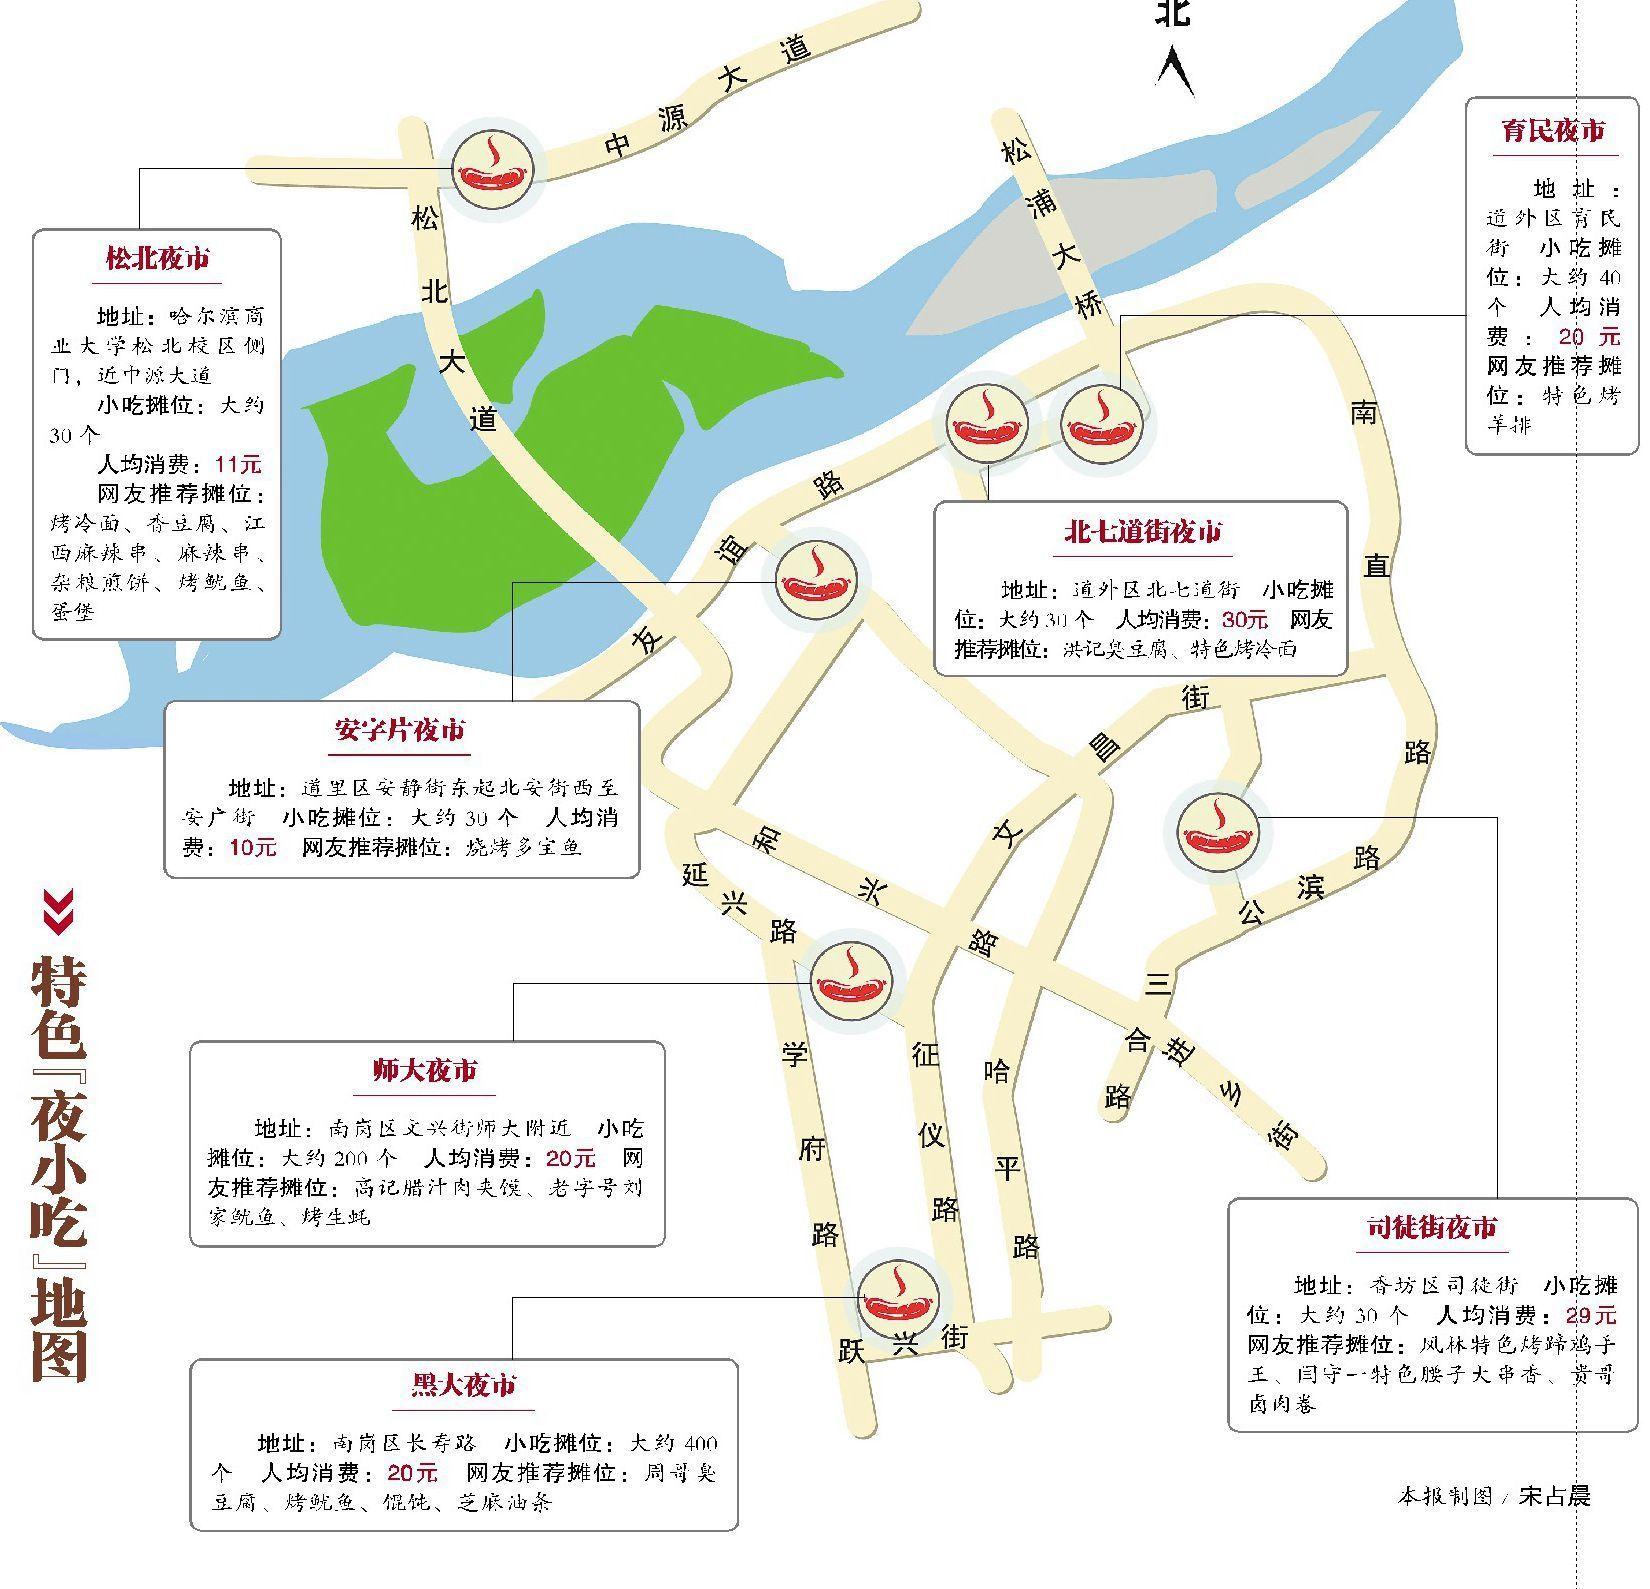 """""""吃货""""有福了 哈市七大""""夜小吃""""地图_凤凰房产哈尔滨"""